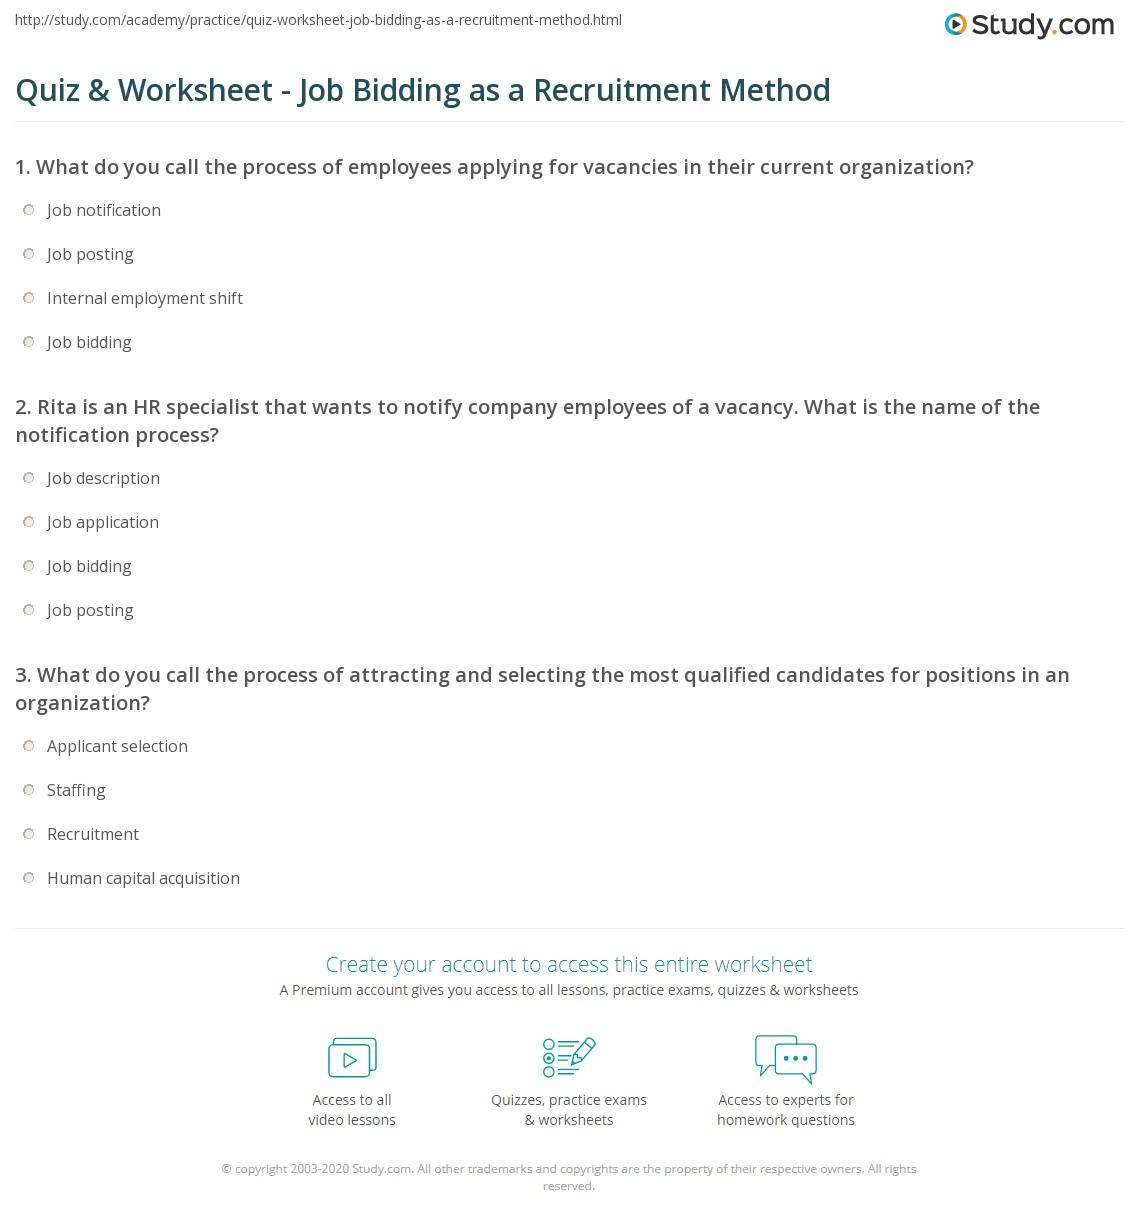 quiz worksheet job bidding as a recruitment method study com